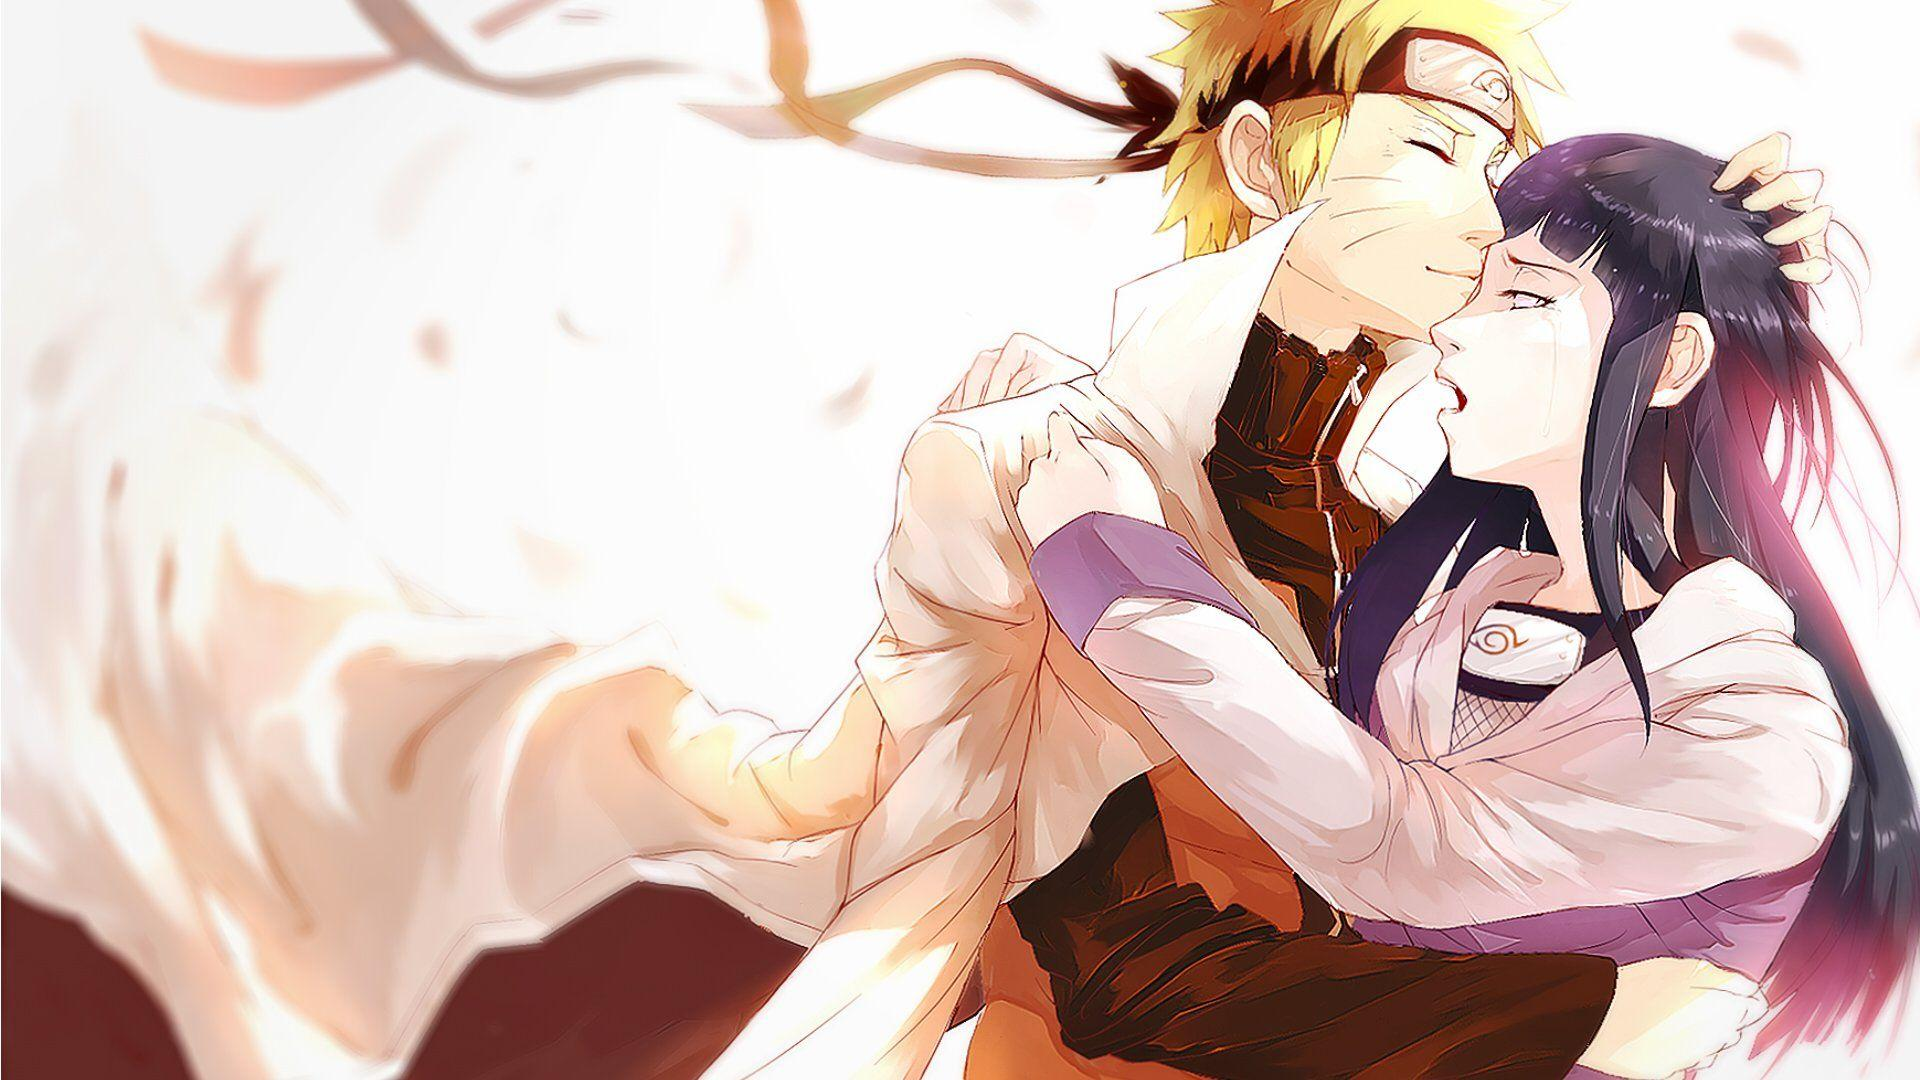 Naruto Kissing Hinata Wallpapers - Wallpaper Cave